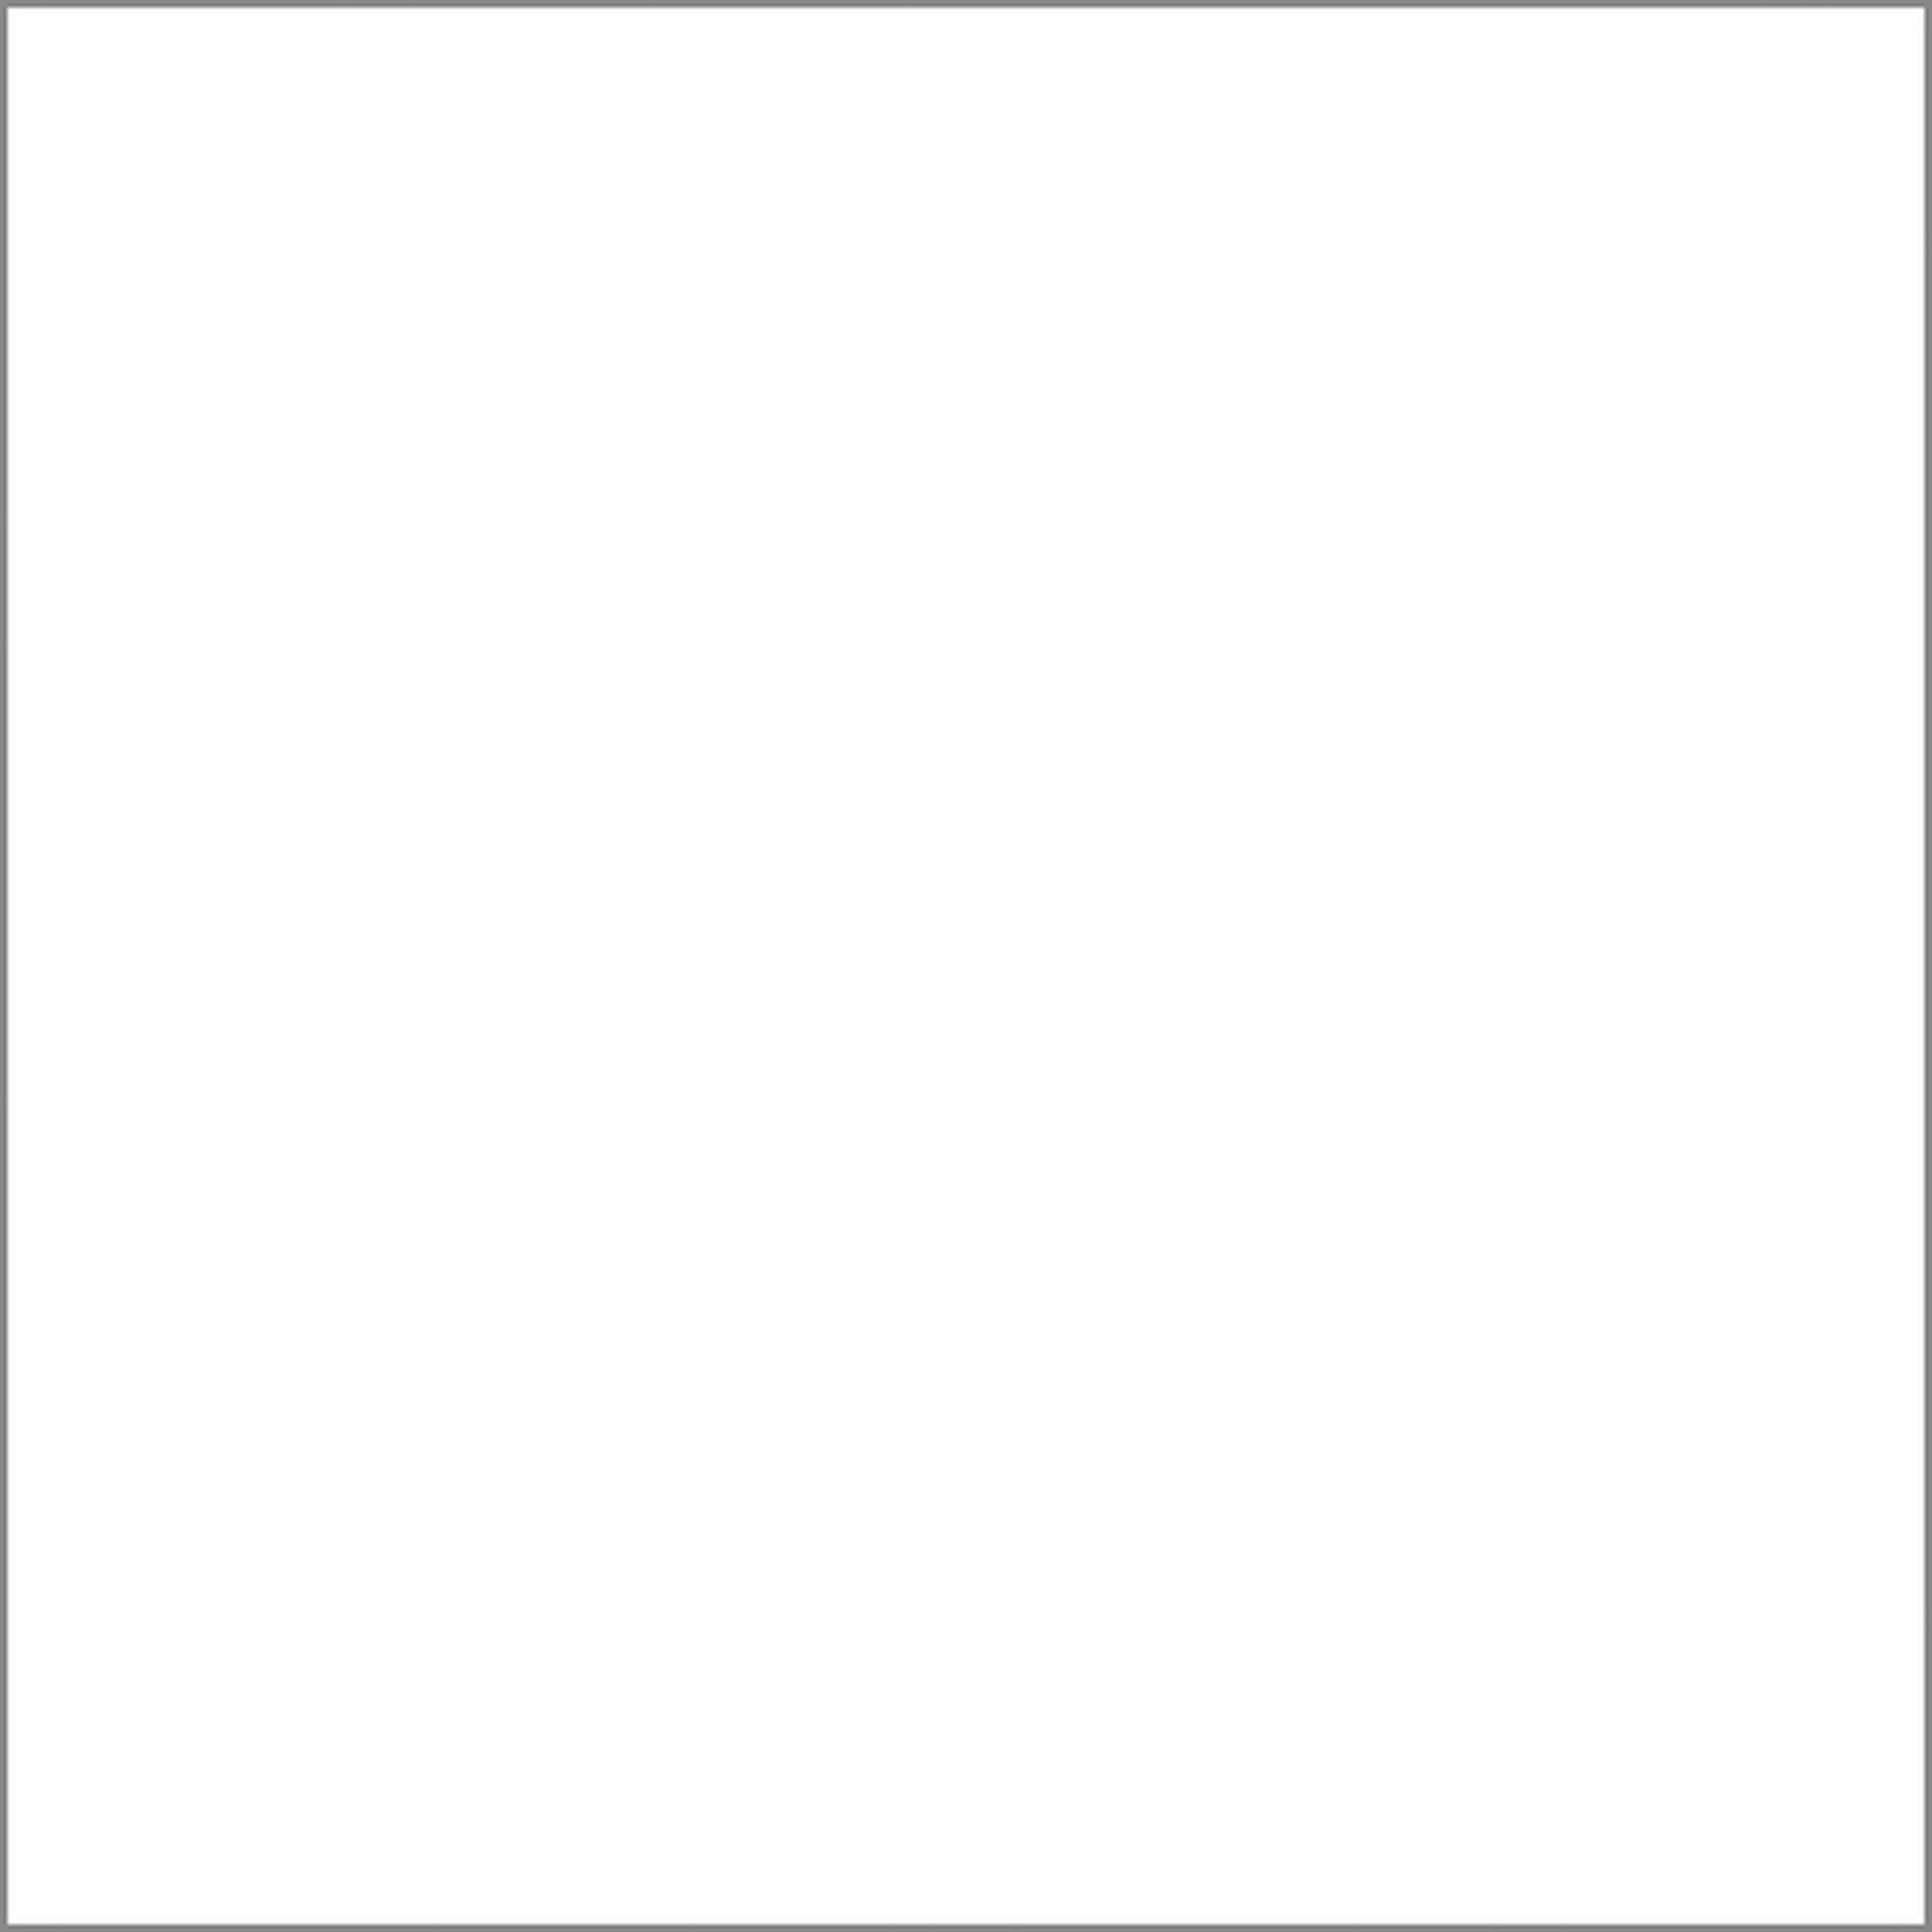 Witte vloertegels - Patchwork Black & White - White